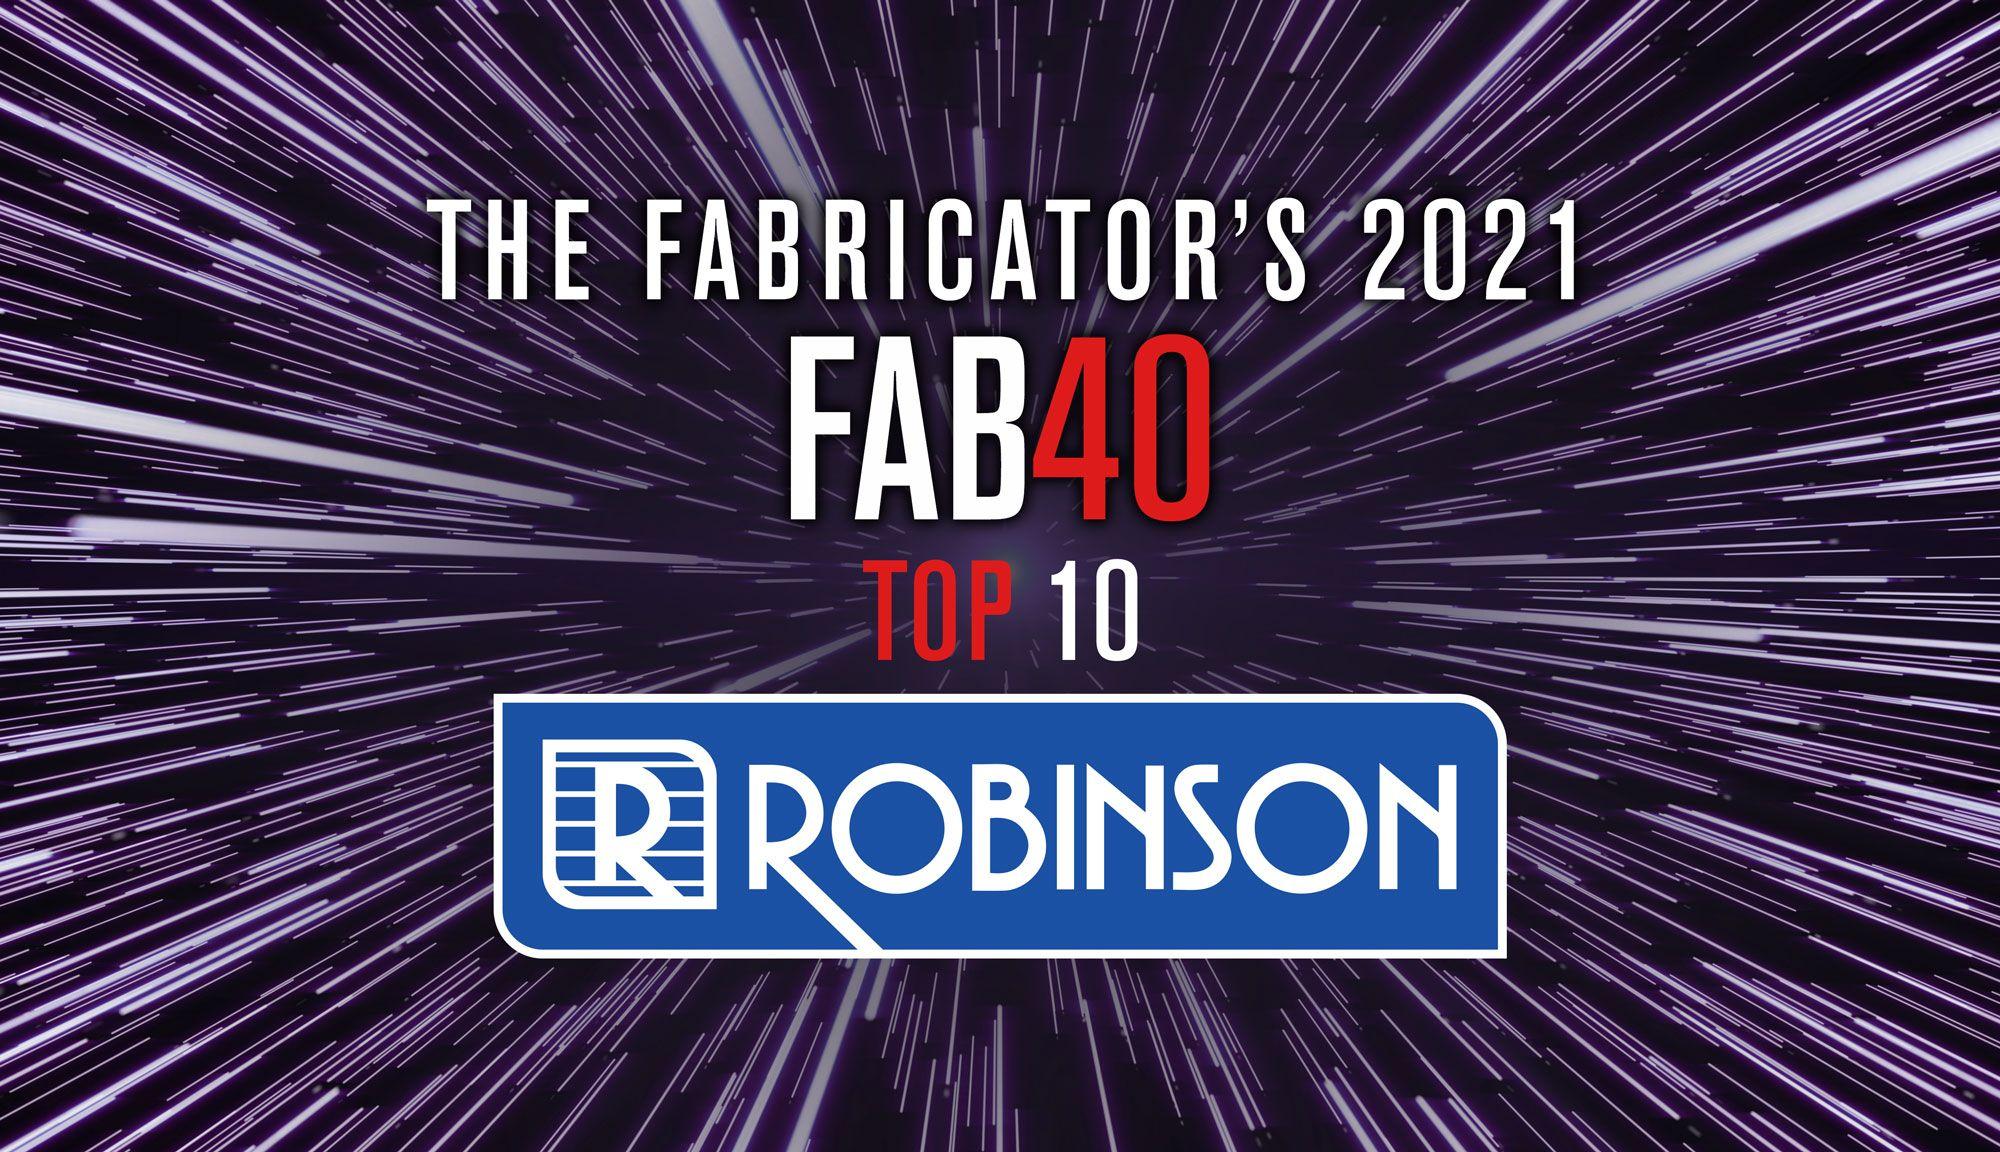 Robinson Fab 40 2021